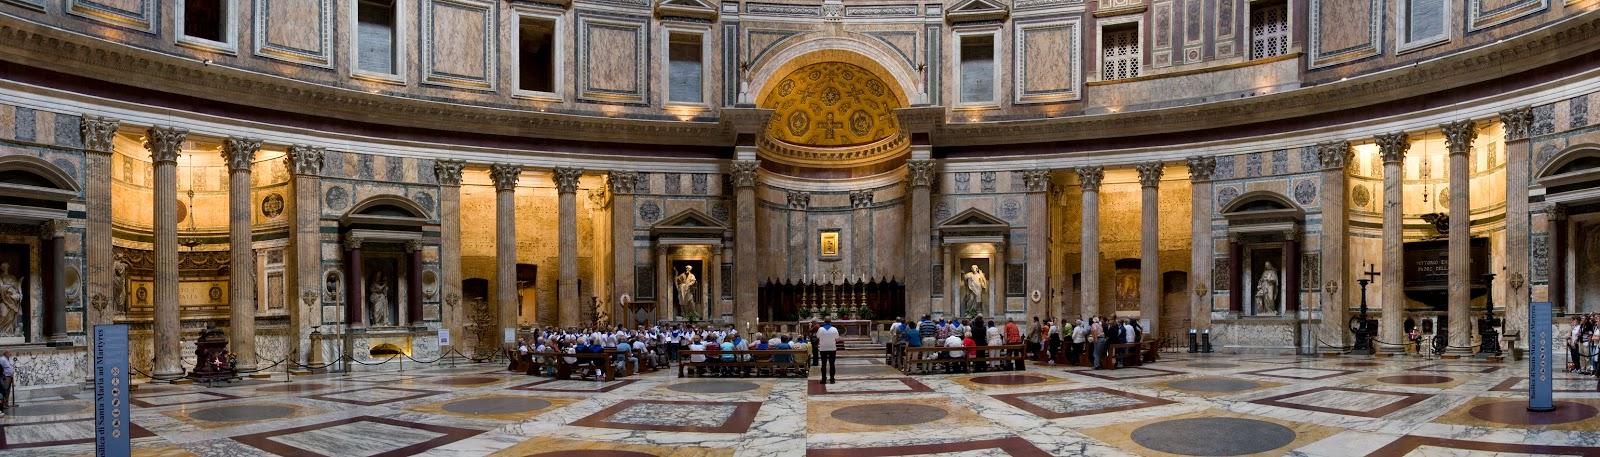 Interiorul Panteonului